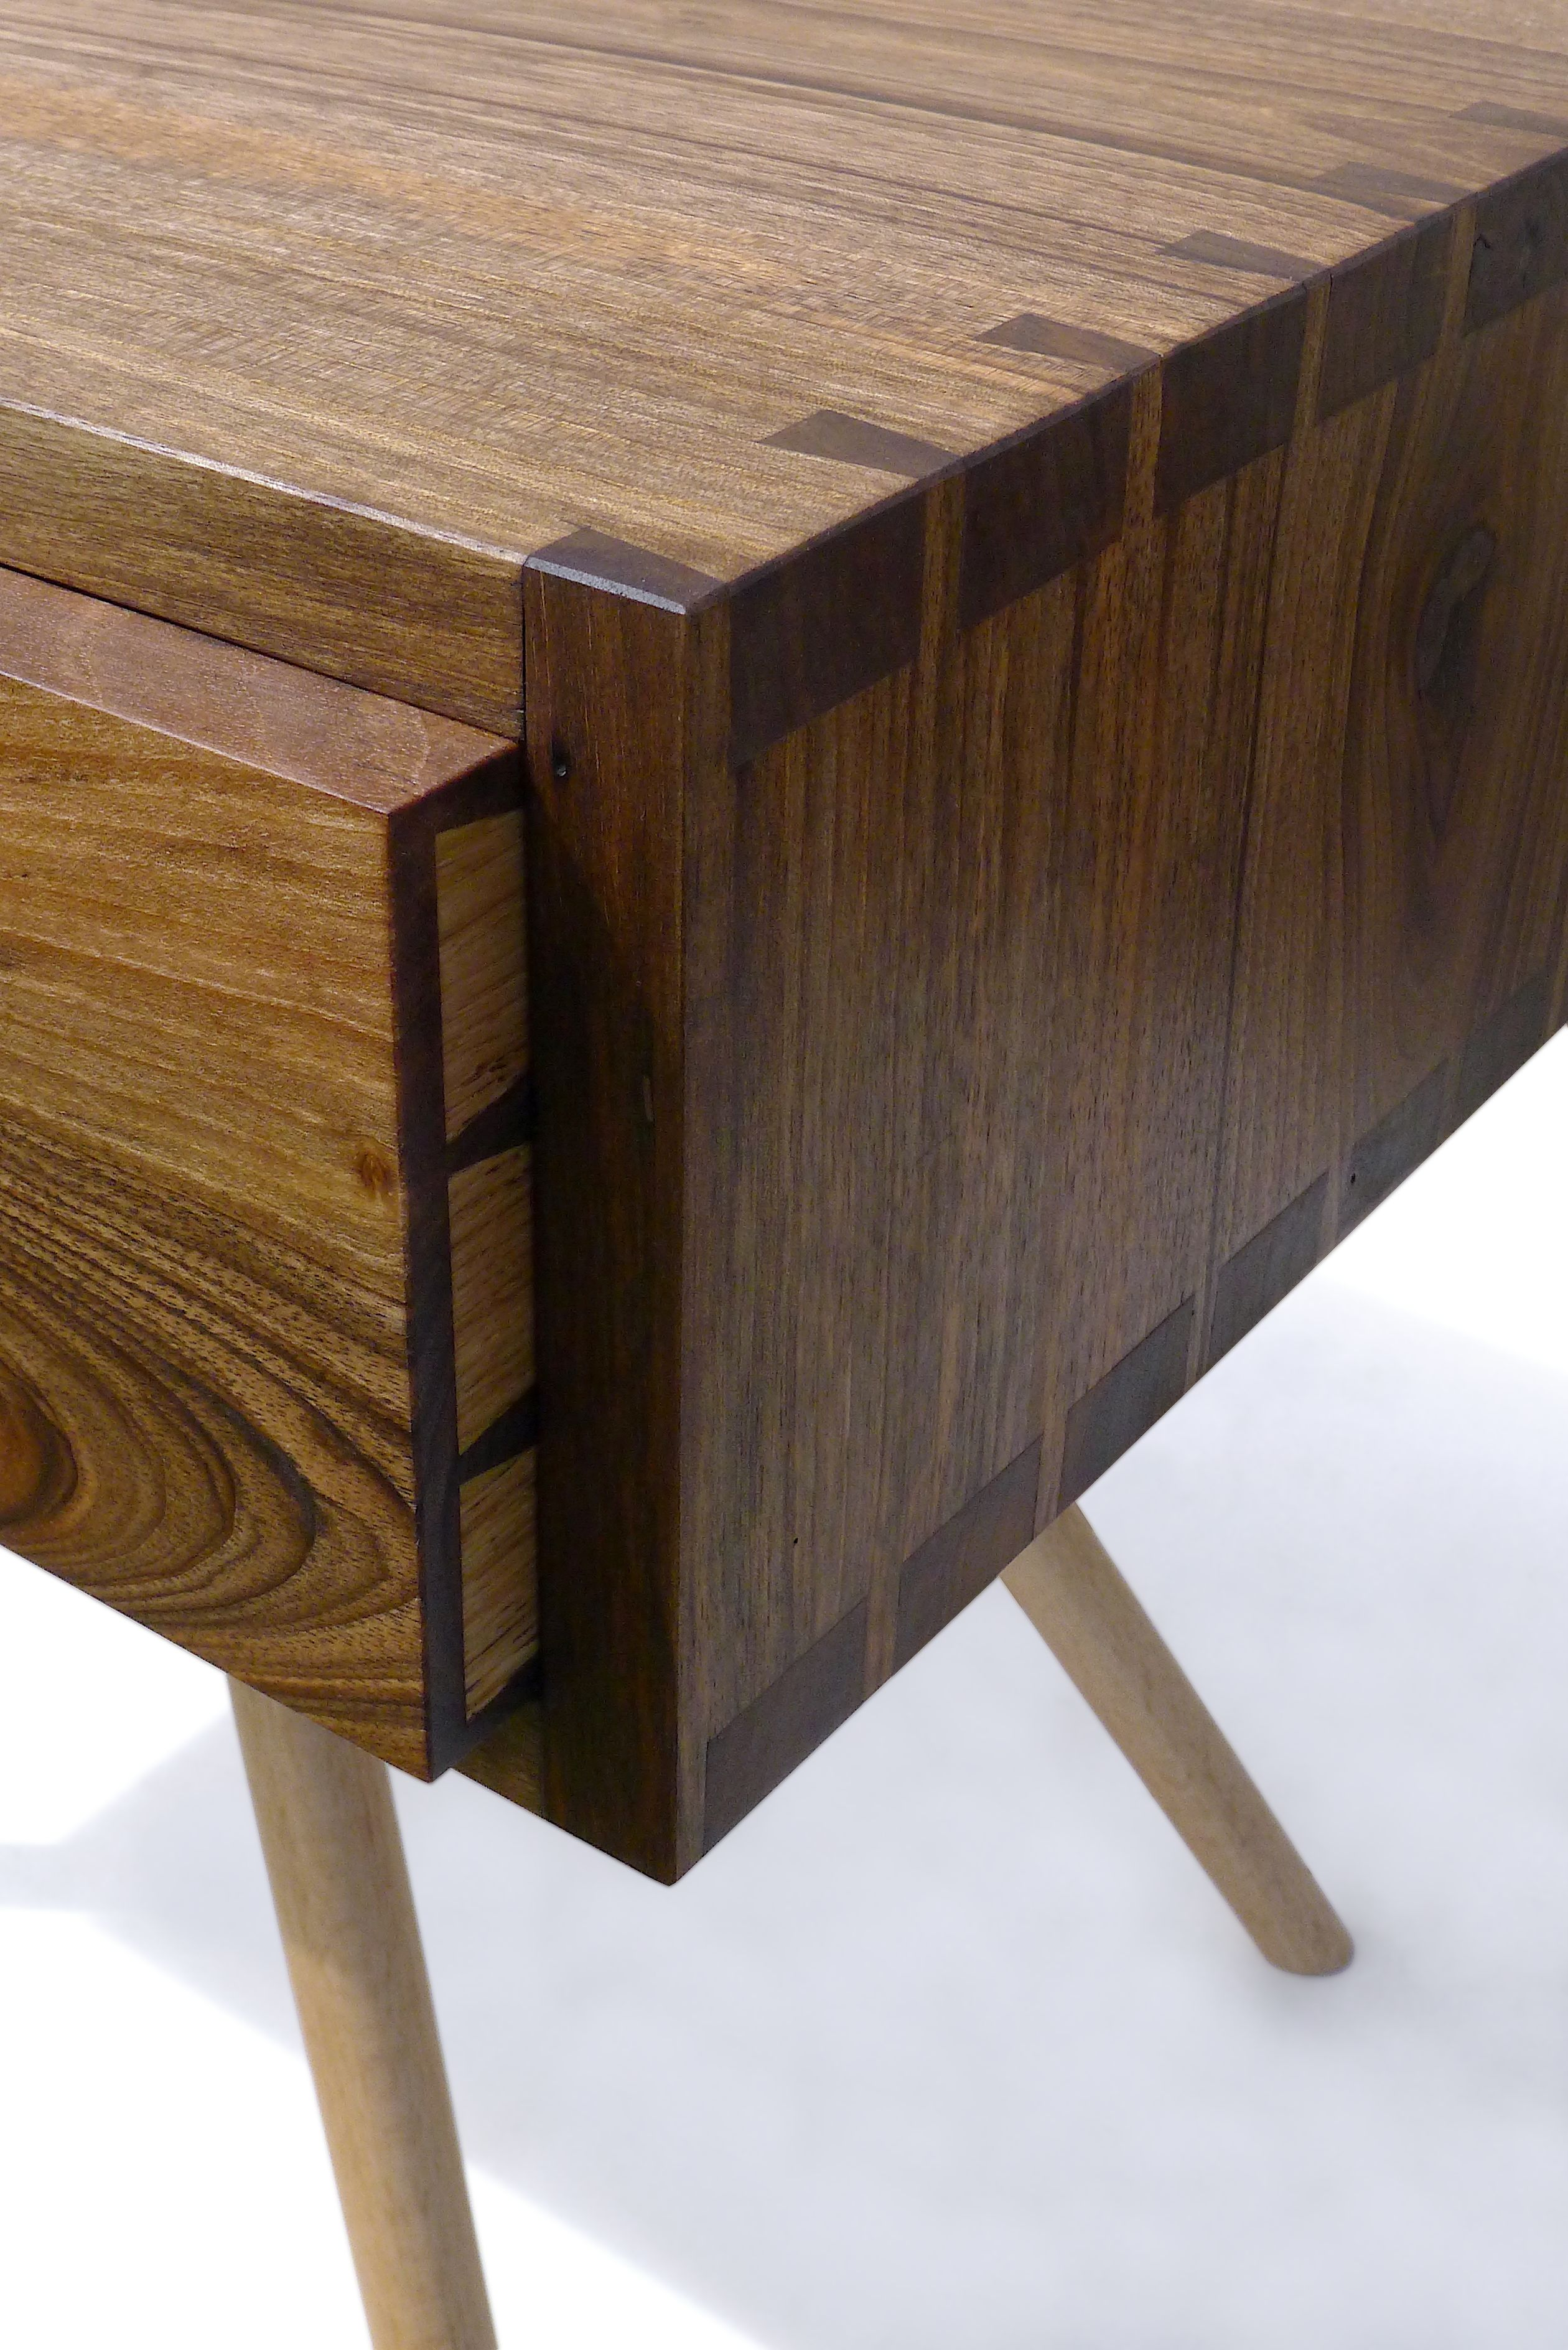 Pin von Arnaud de Resseguier auf Wood | Pinterest | Häuschen